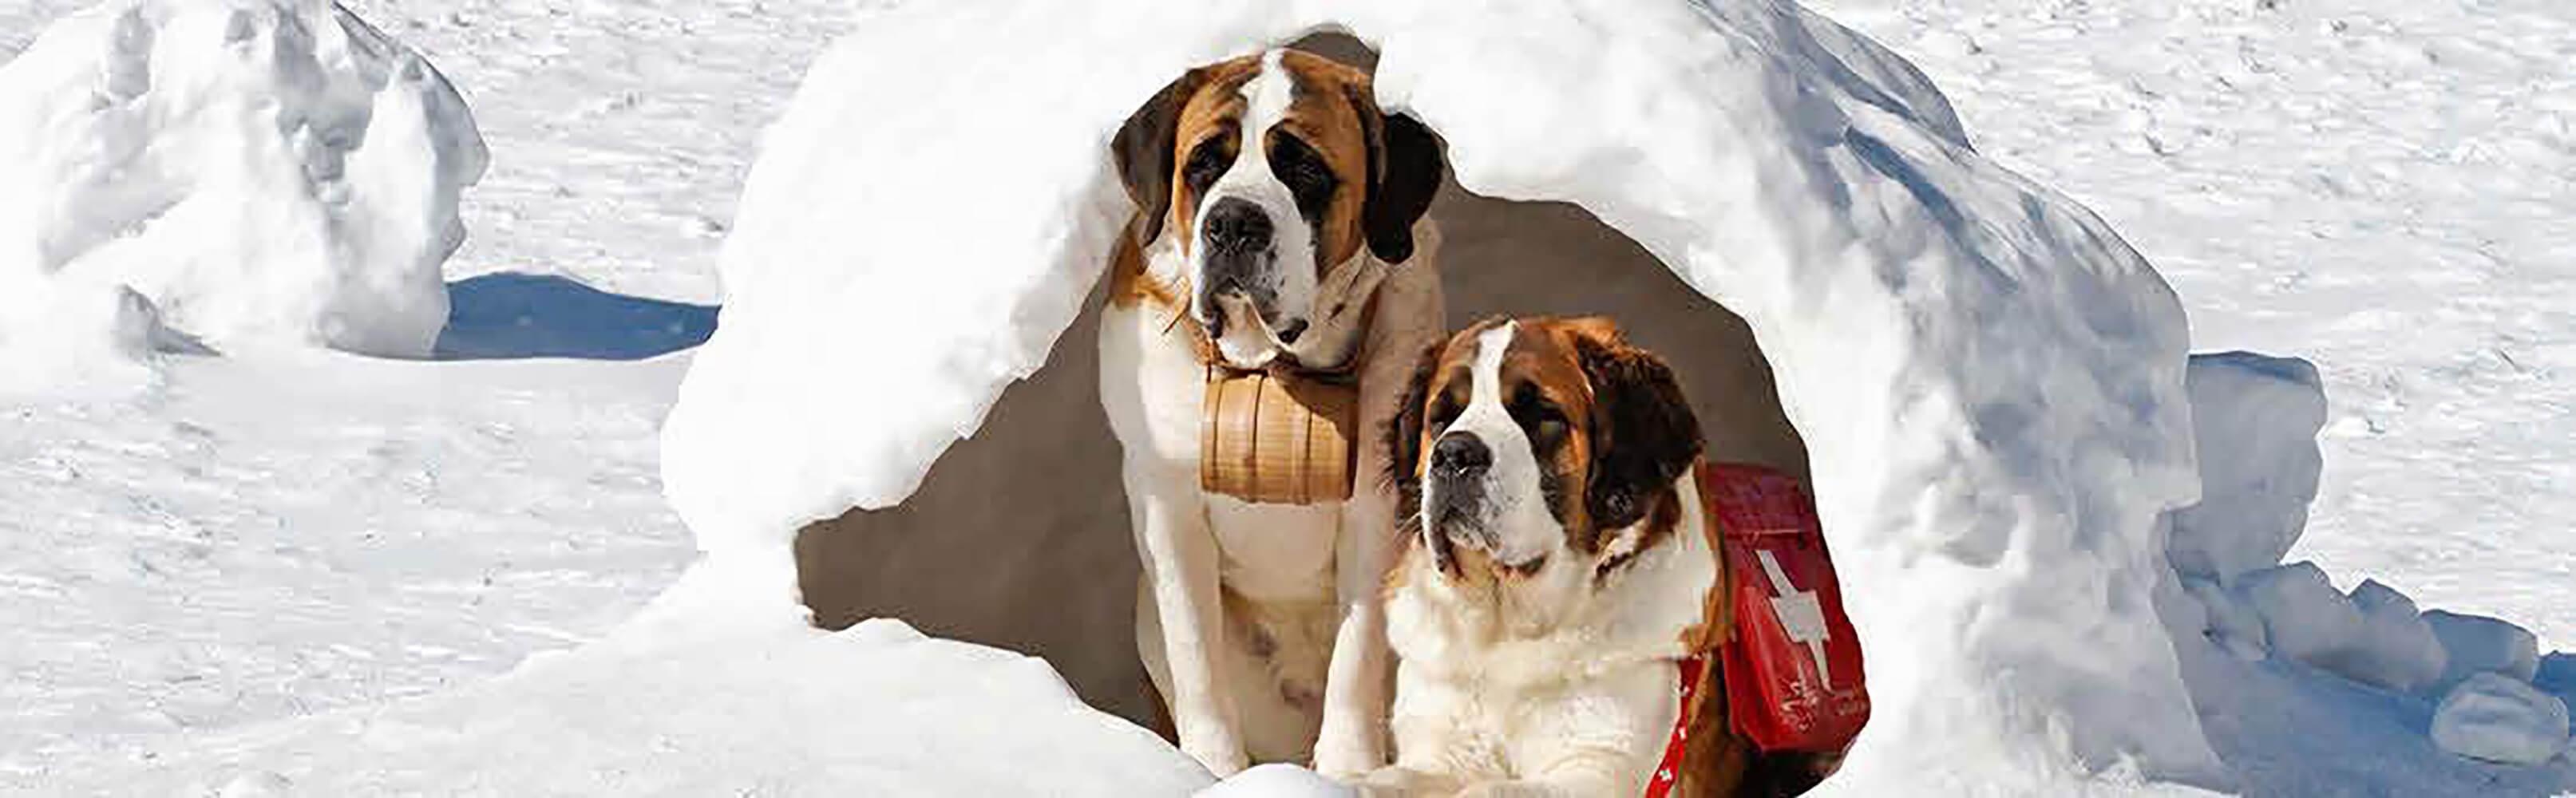 Winterwanderung mit Barry, dem Schweizer Nationalhund 1